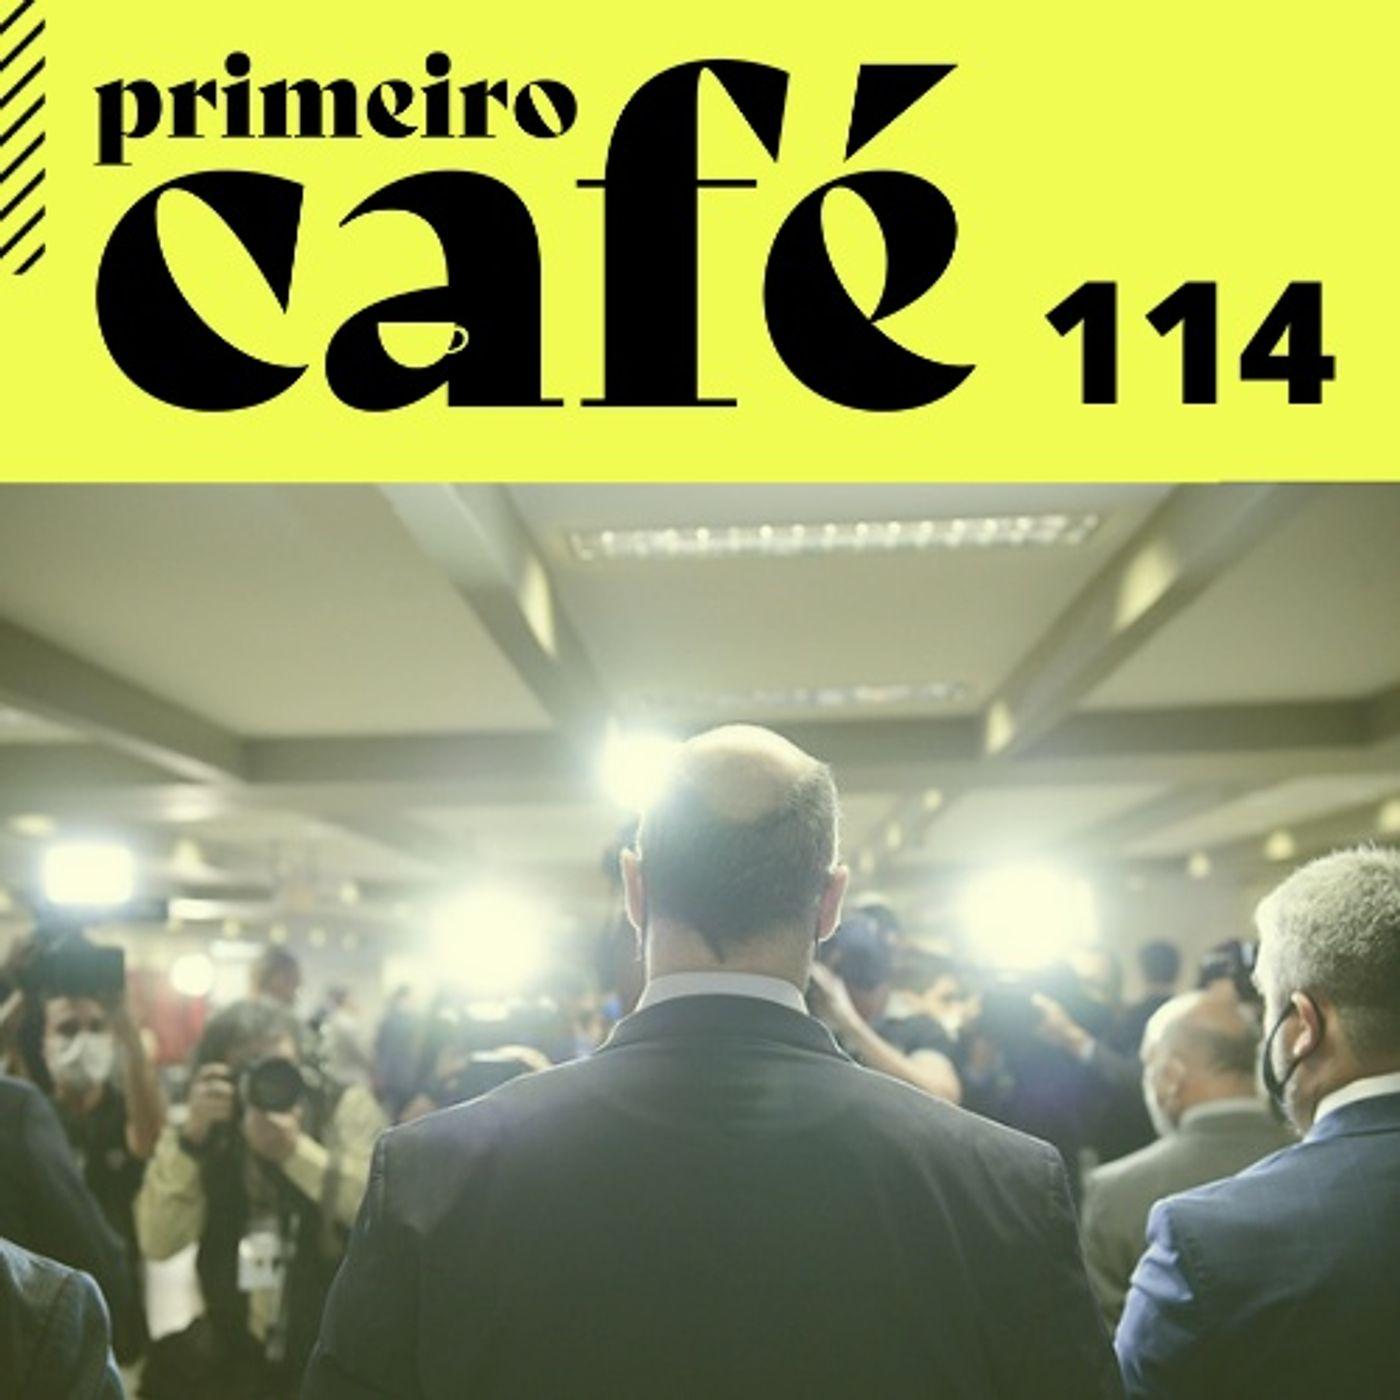 #114 Na CPI, Witzel fala o que quer e vai embora   #19J: as orientações para quem for protestar no sábado